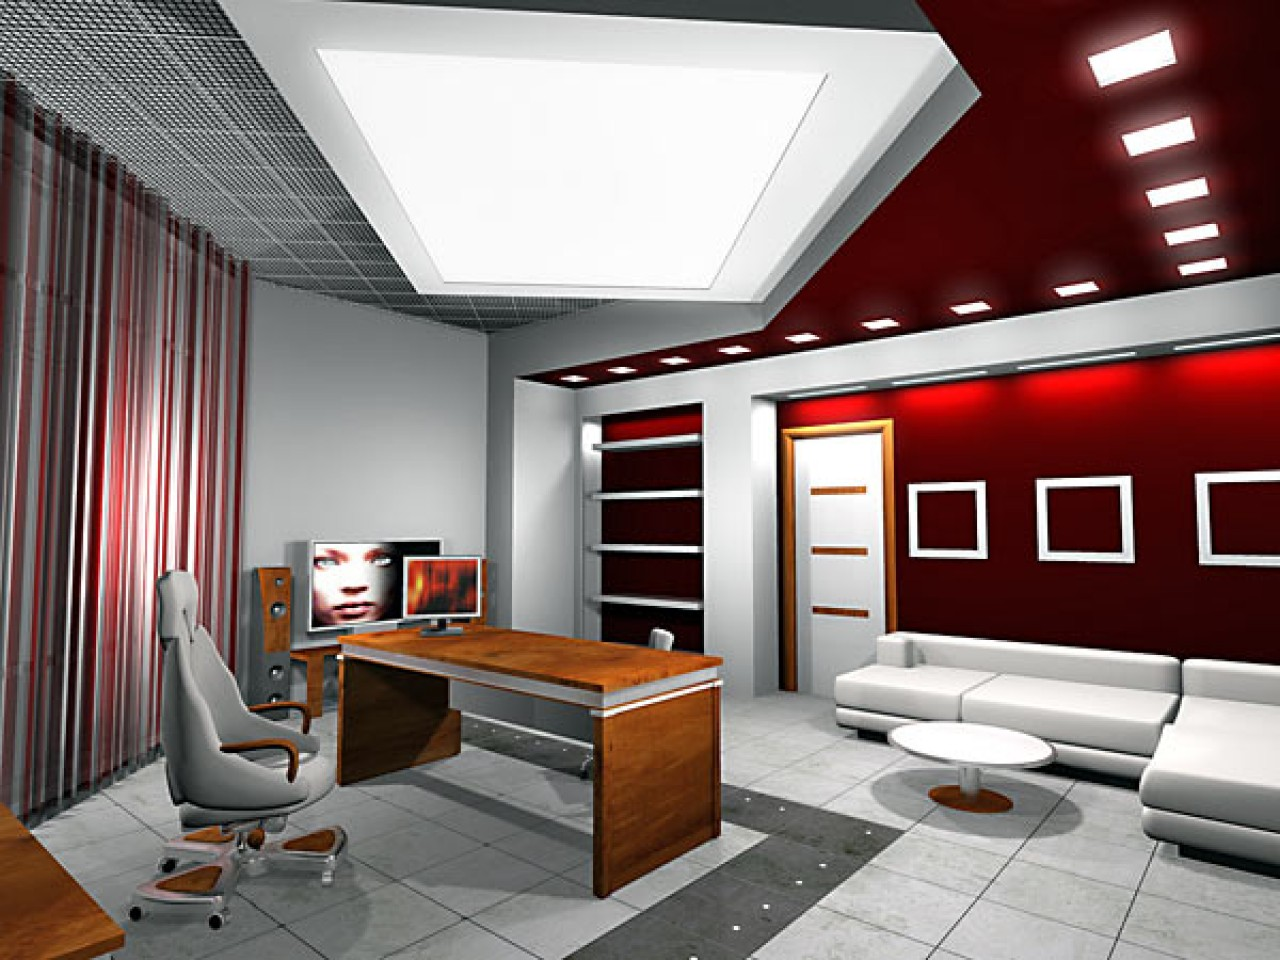 Дизайн интерьера виды помещений